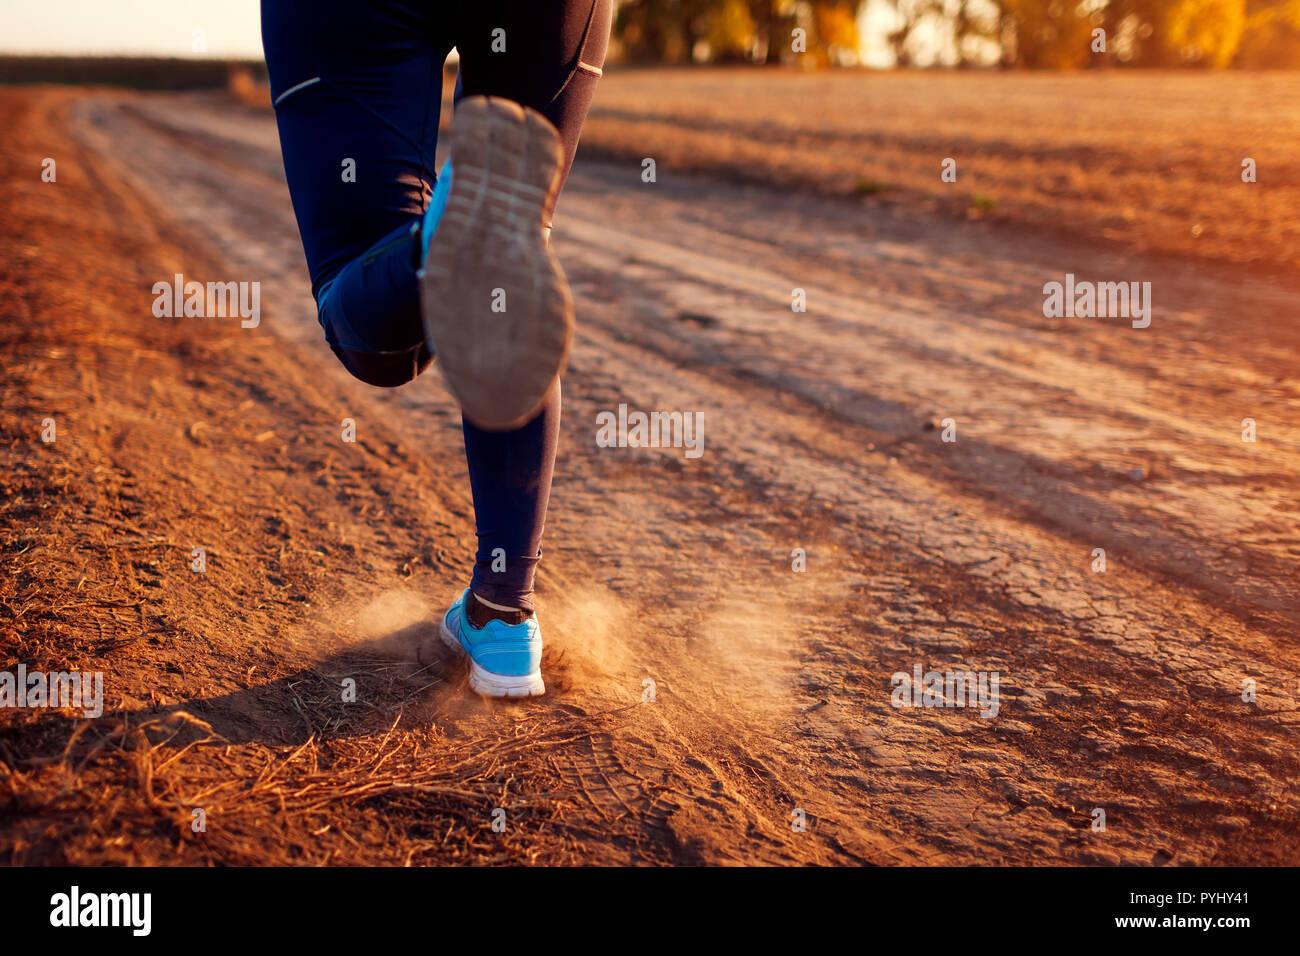 Femme d'exécution dans le champ d'automne au coucher du soleil. Concept de vie sain. Sportifs actifs. Close up de jambes Banque D'Images